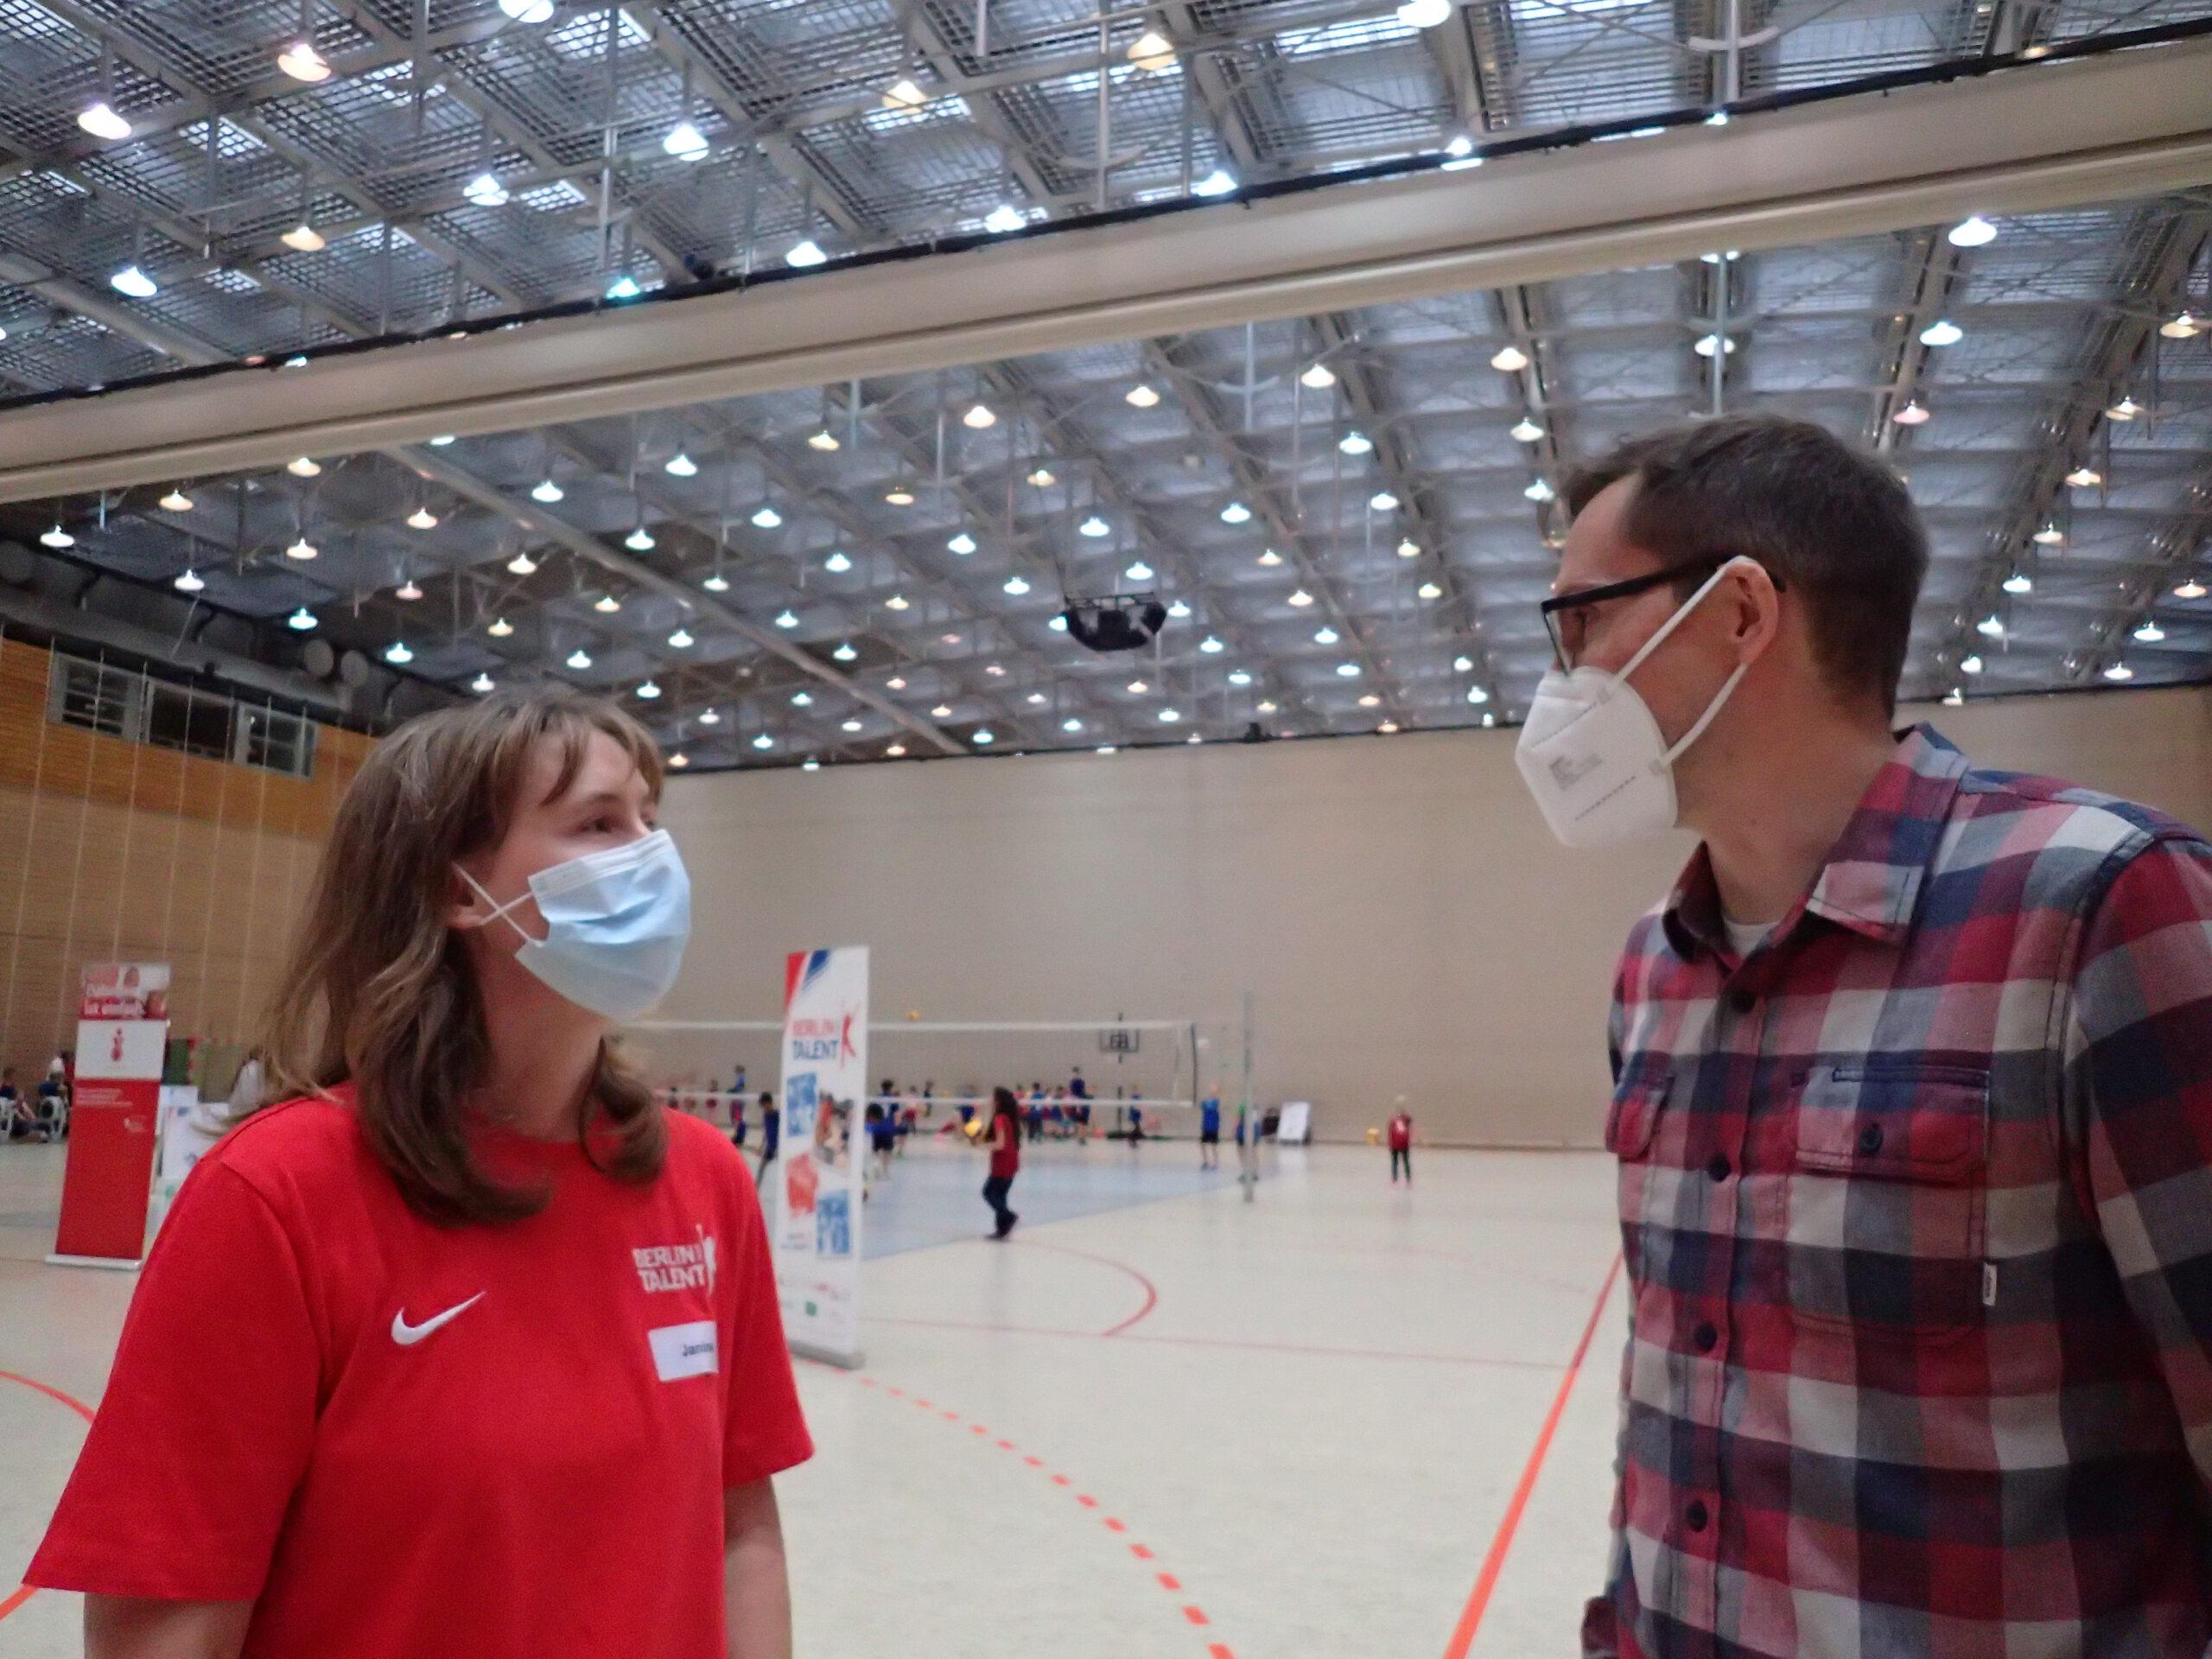 Markus Rieger von der Senatsverwaltung für Inneres und Sport im Gespräch mit der Programmleiterin Janine Gegusch